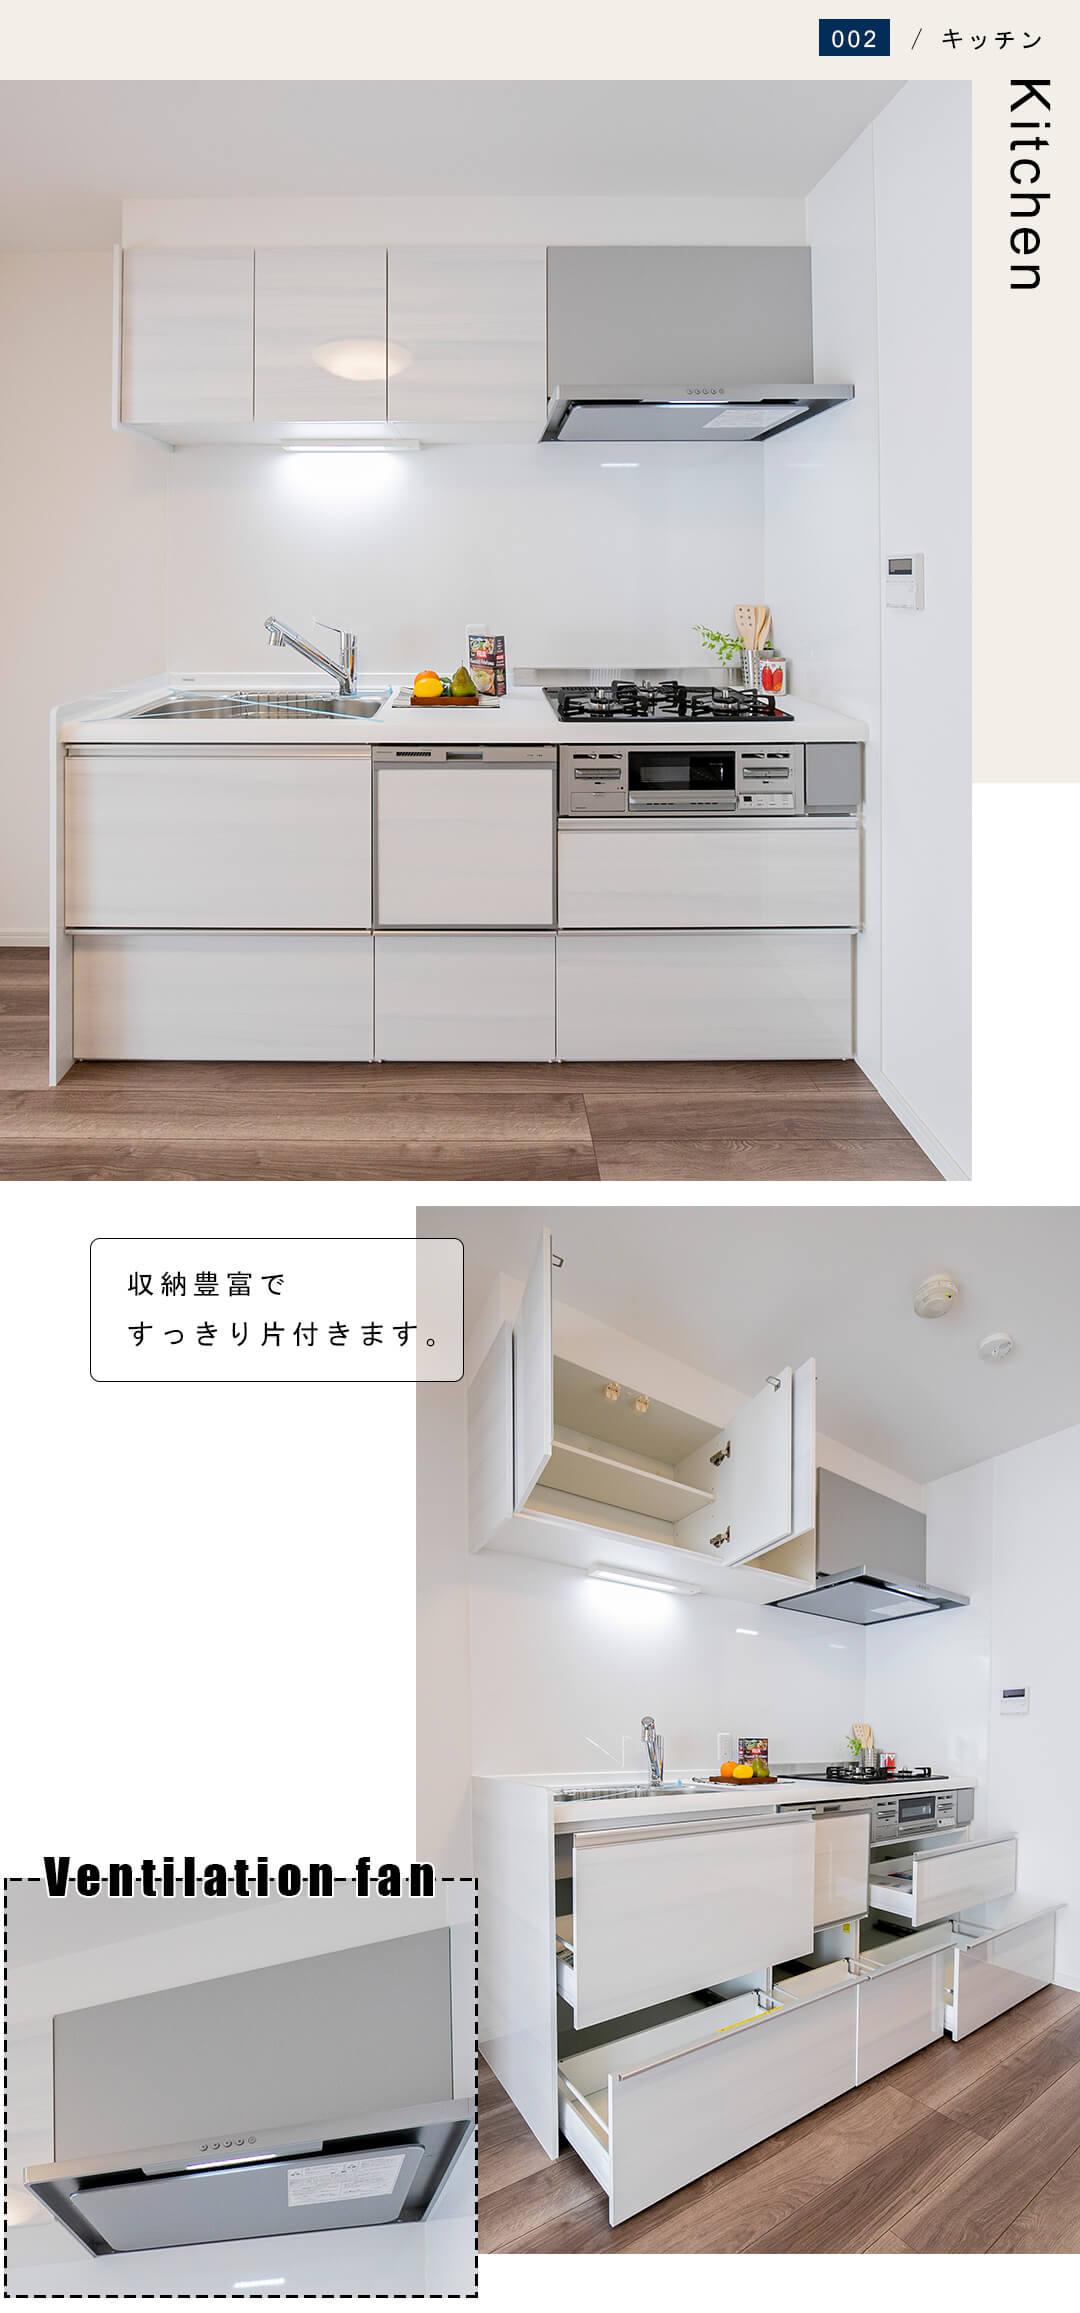 ライオンズマンション荻窪第6のキッチン